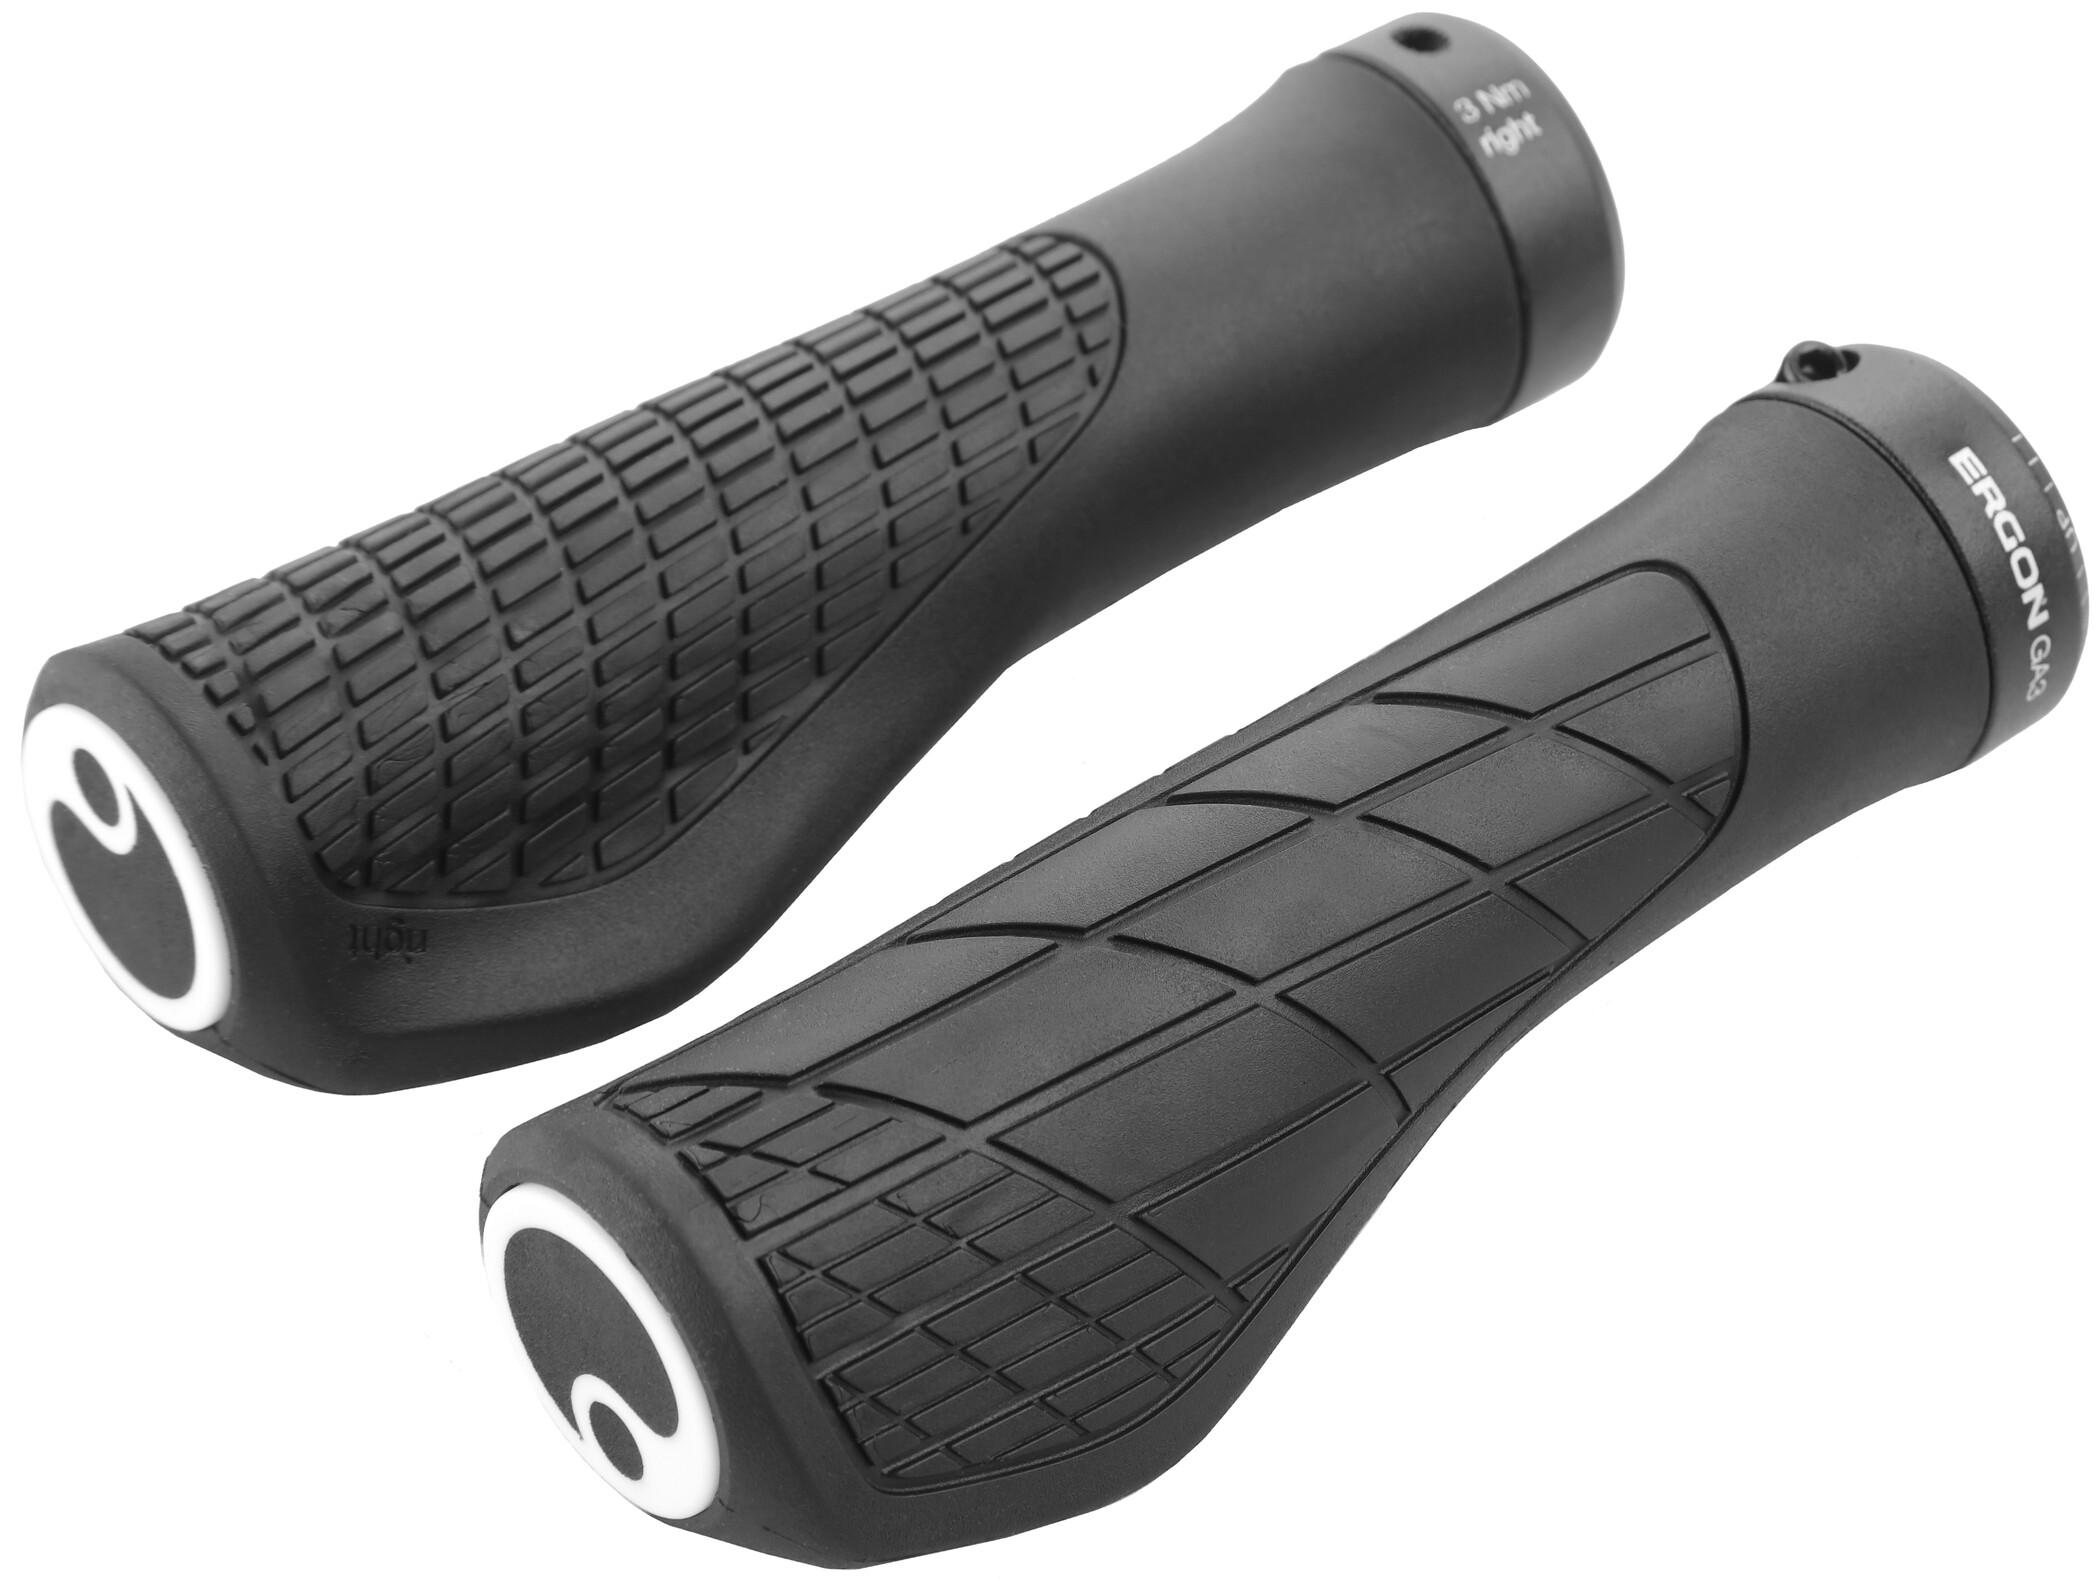 Ergon GA3 Cykelhåndtag, black | Håndtag